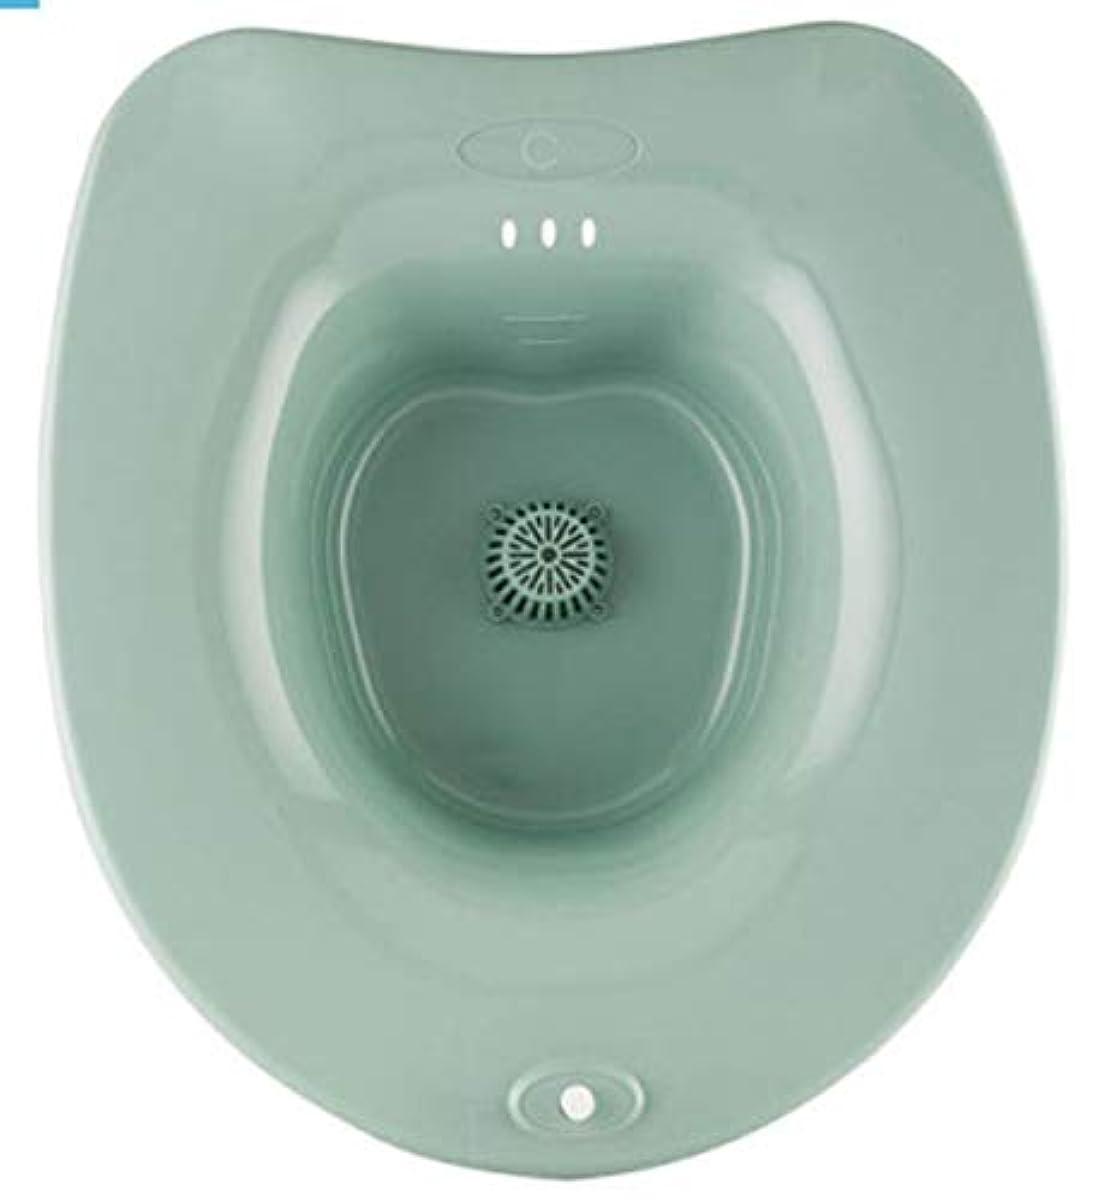 ソーシャル航空便研磨剤医師から座浴をお勧められた時、コードレス自動バブルお尻の座浴器、子宮健康、痔の悩み清潔、、、